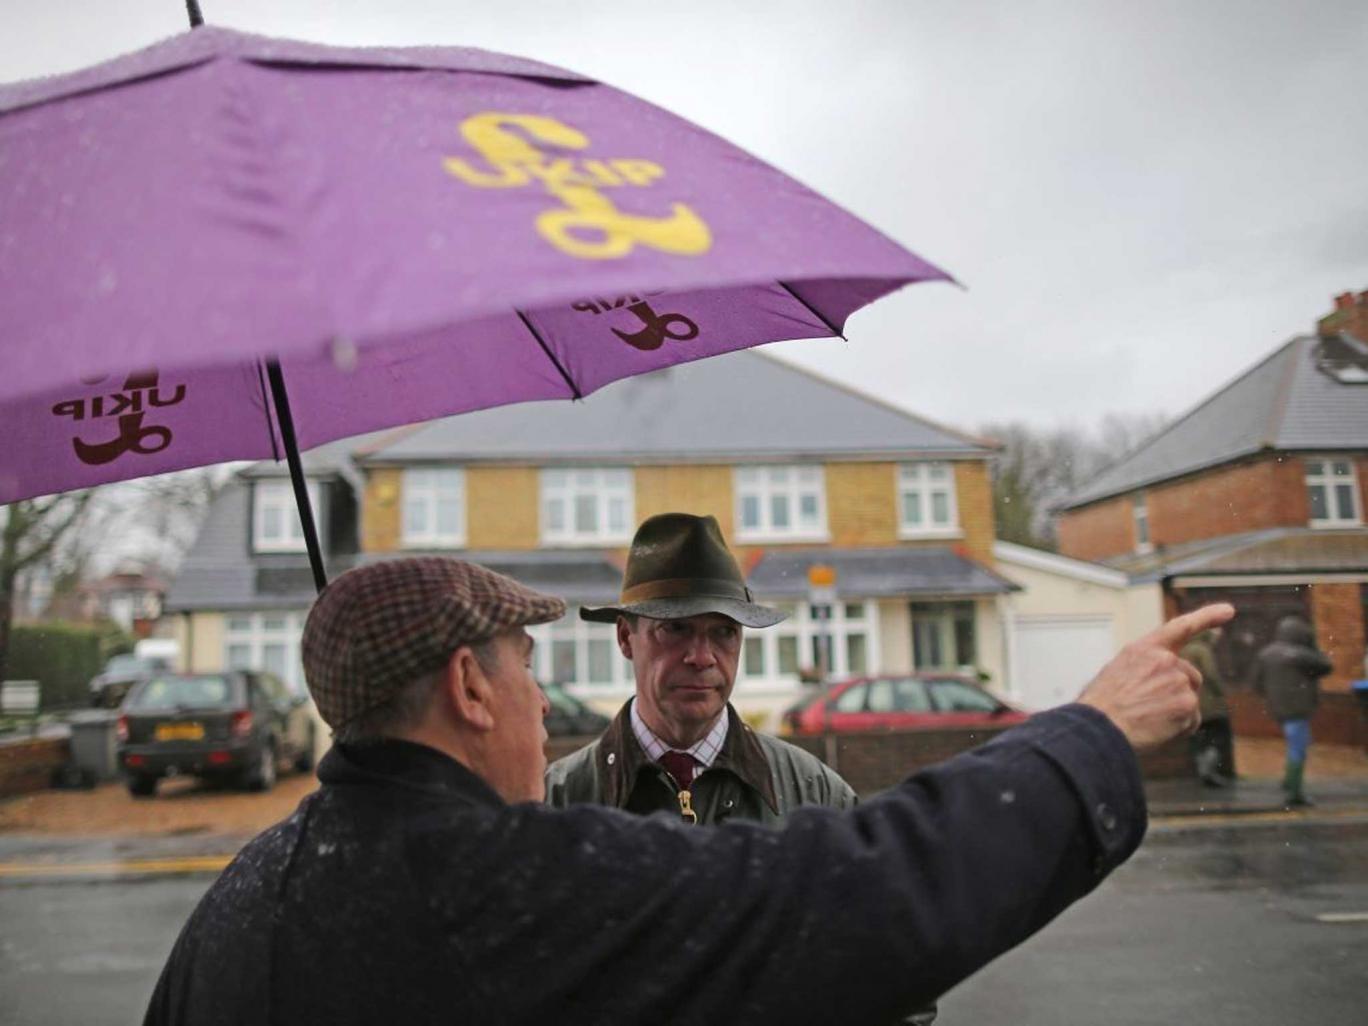 Is UKIP finished?